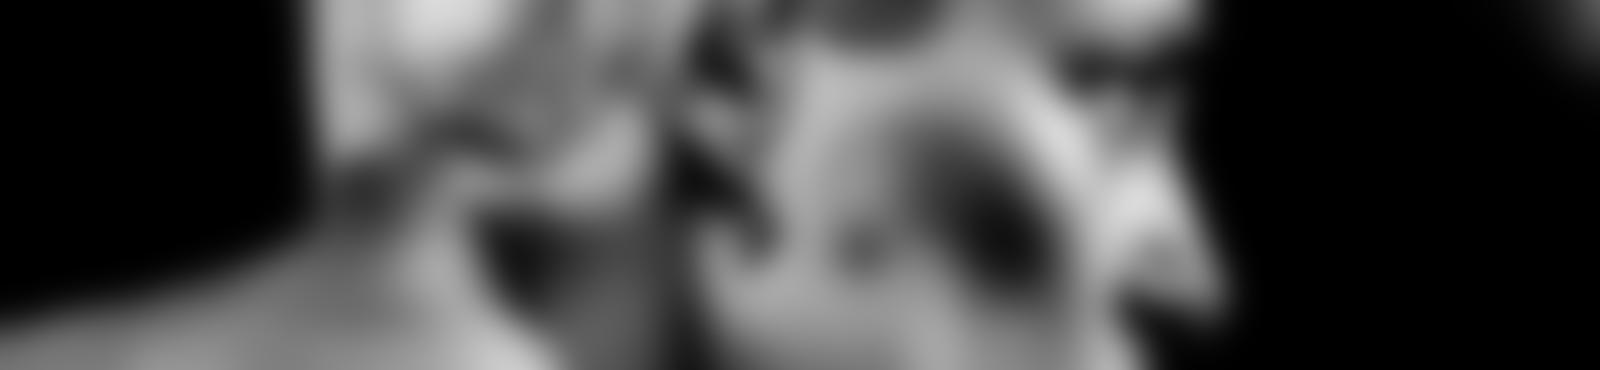 Blurred af643a69 dcc8 41cd ad89 d64d2589f4a6